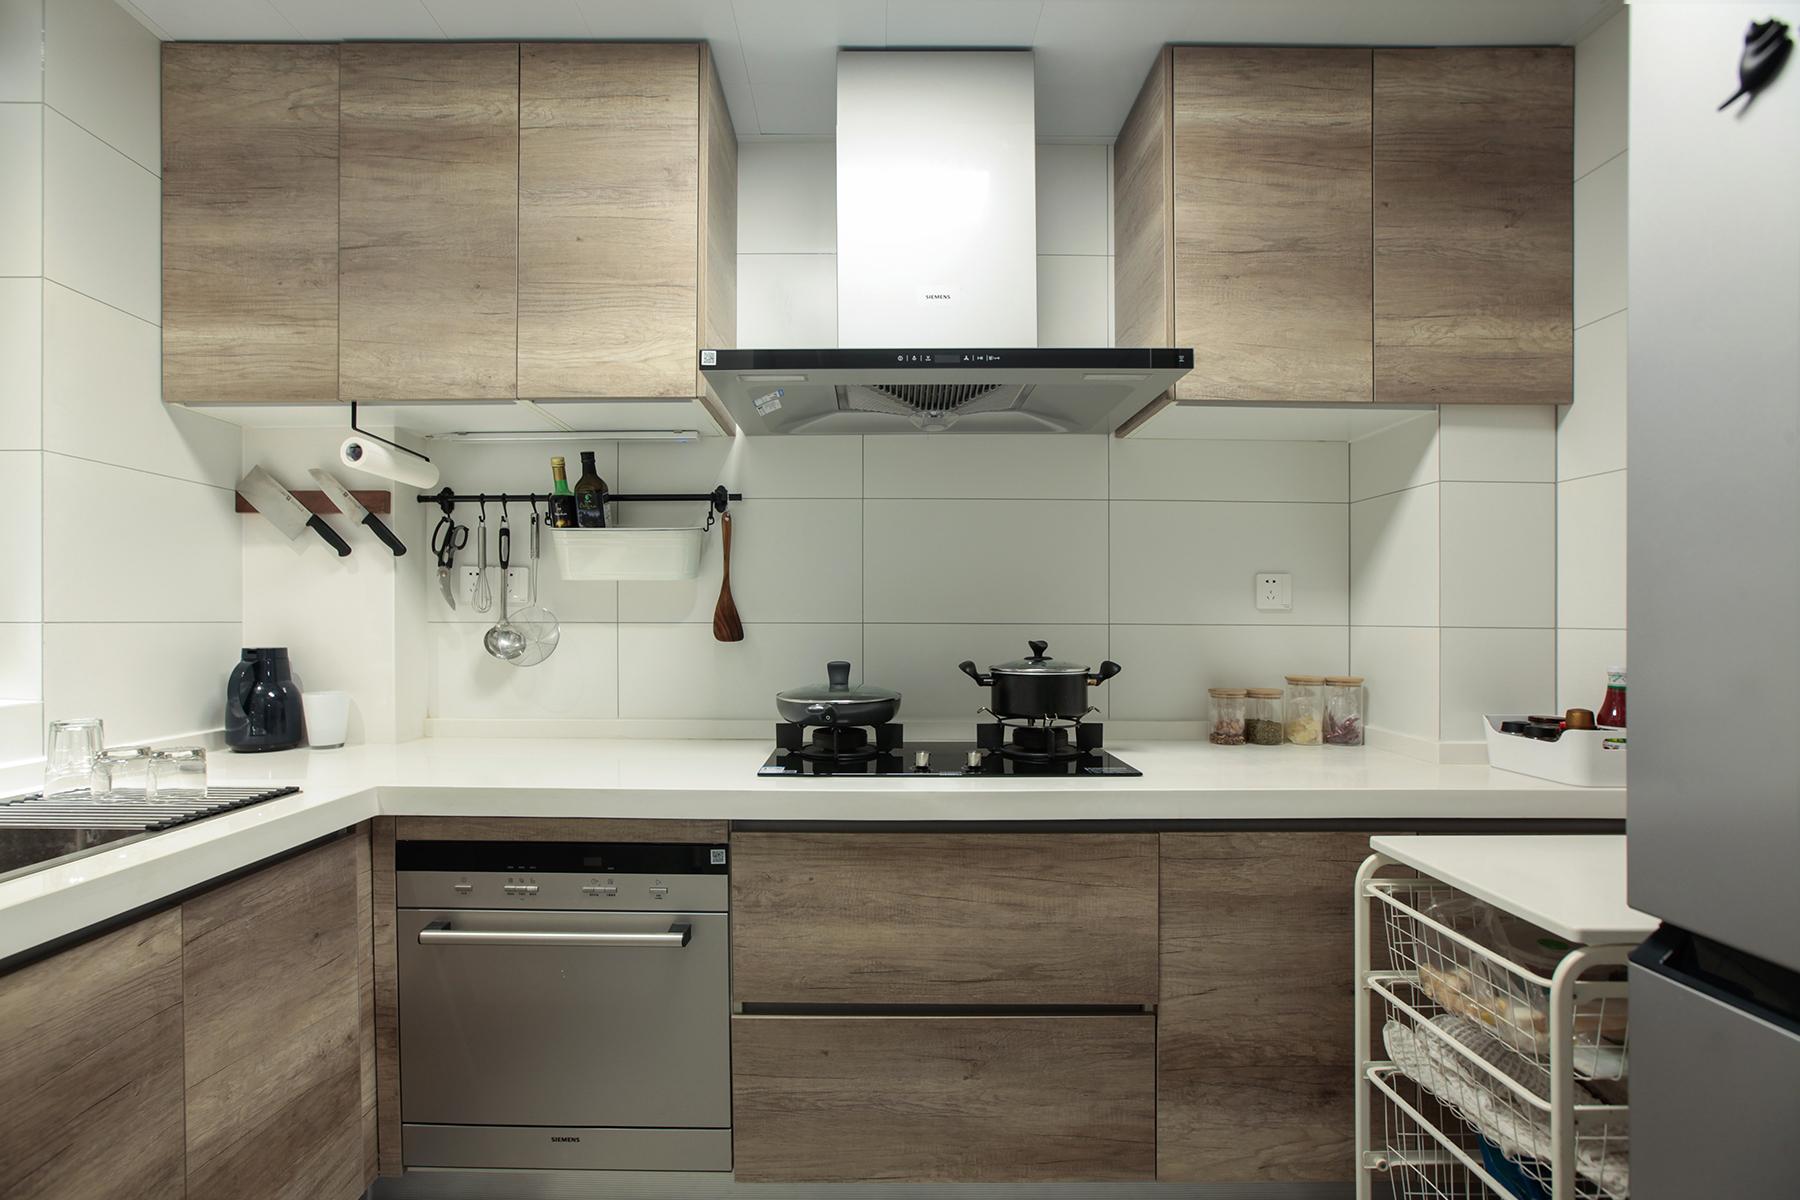 78㎡现代二居厨房装修效果图